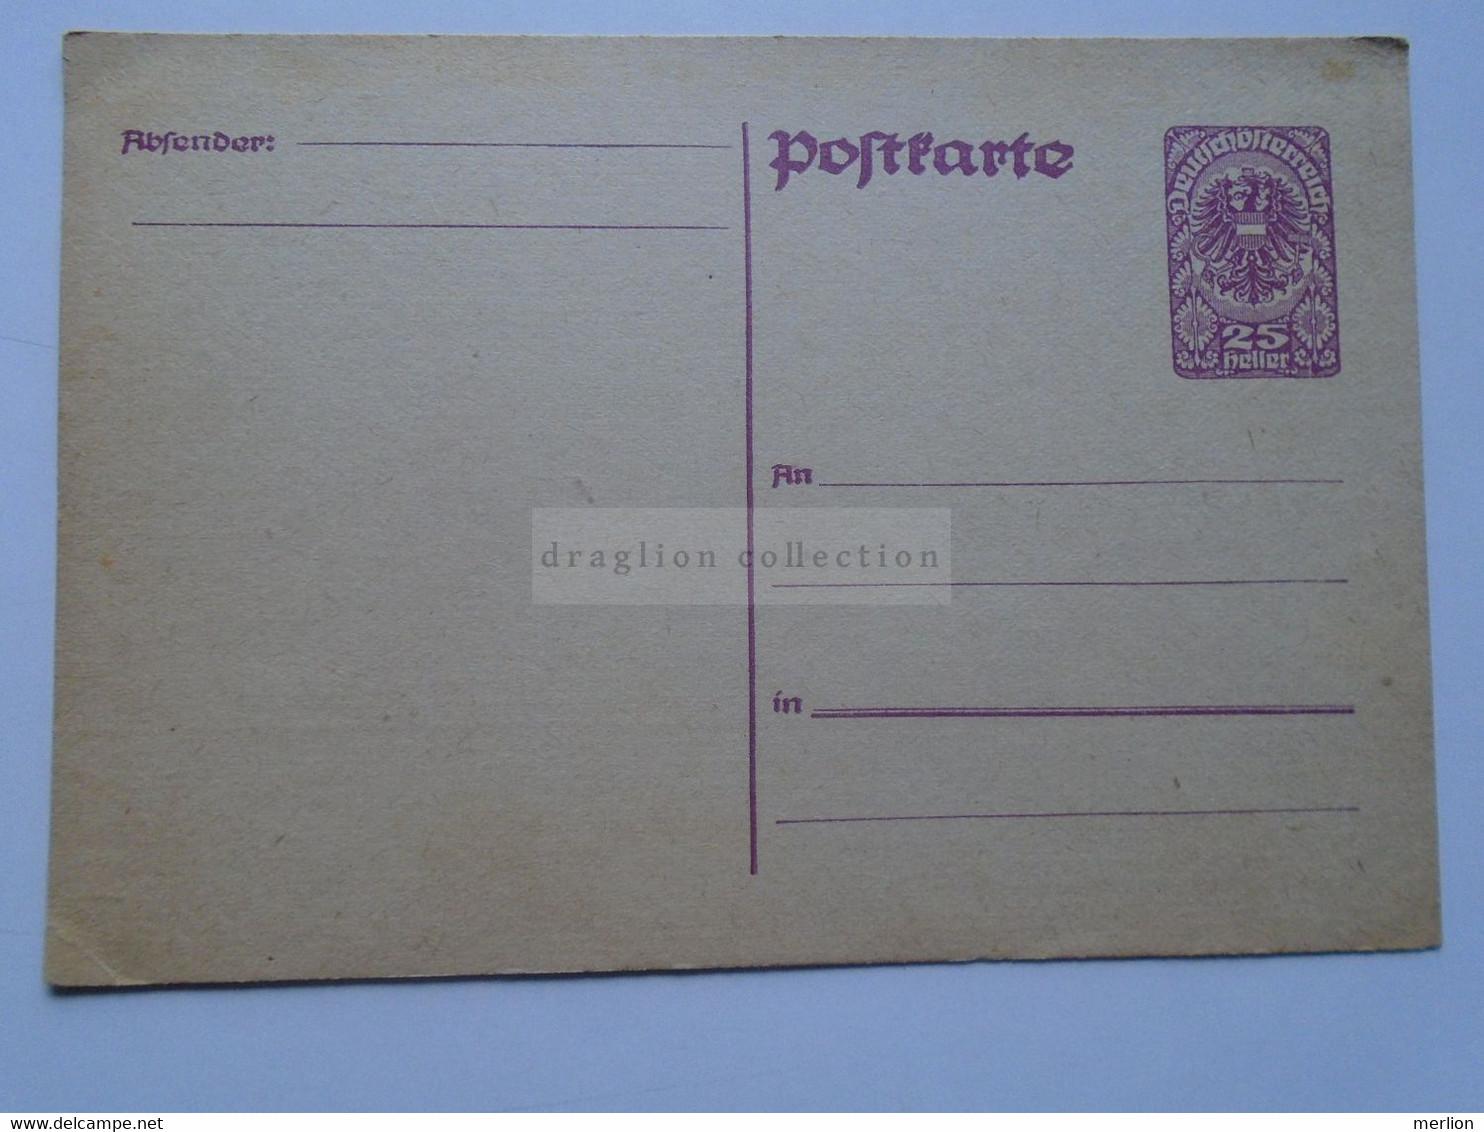 D178688 Österreich  Ganzsache - Ca 1920 Entier Postal 25  Heller Wappenadler - Deutschösterreich   - Austria  Not Used - Non Classés